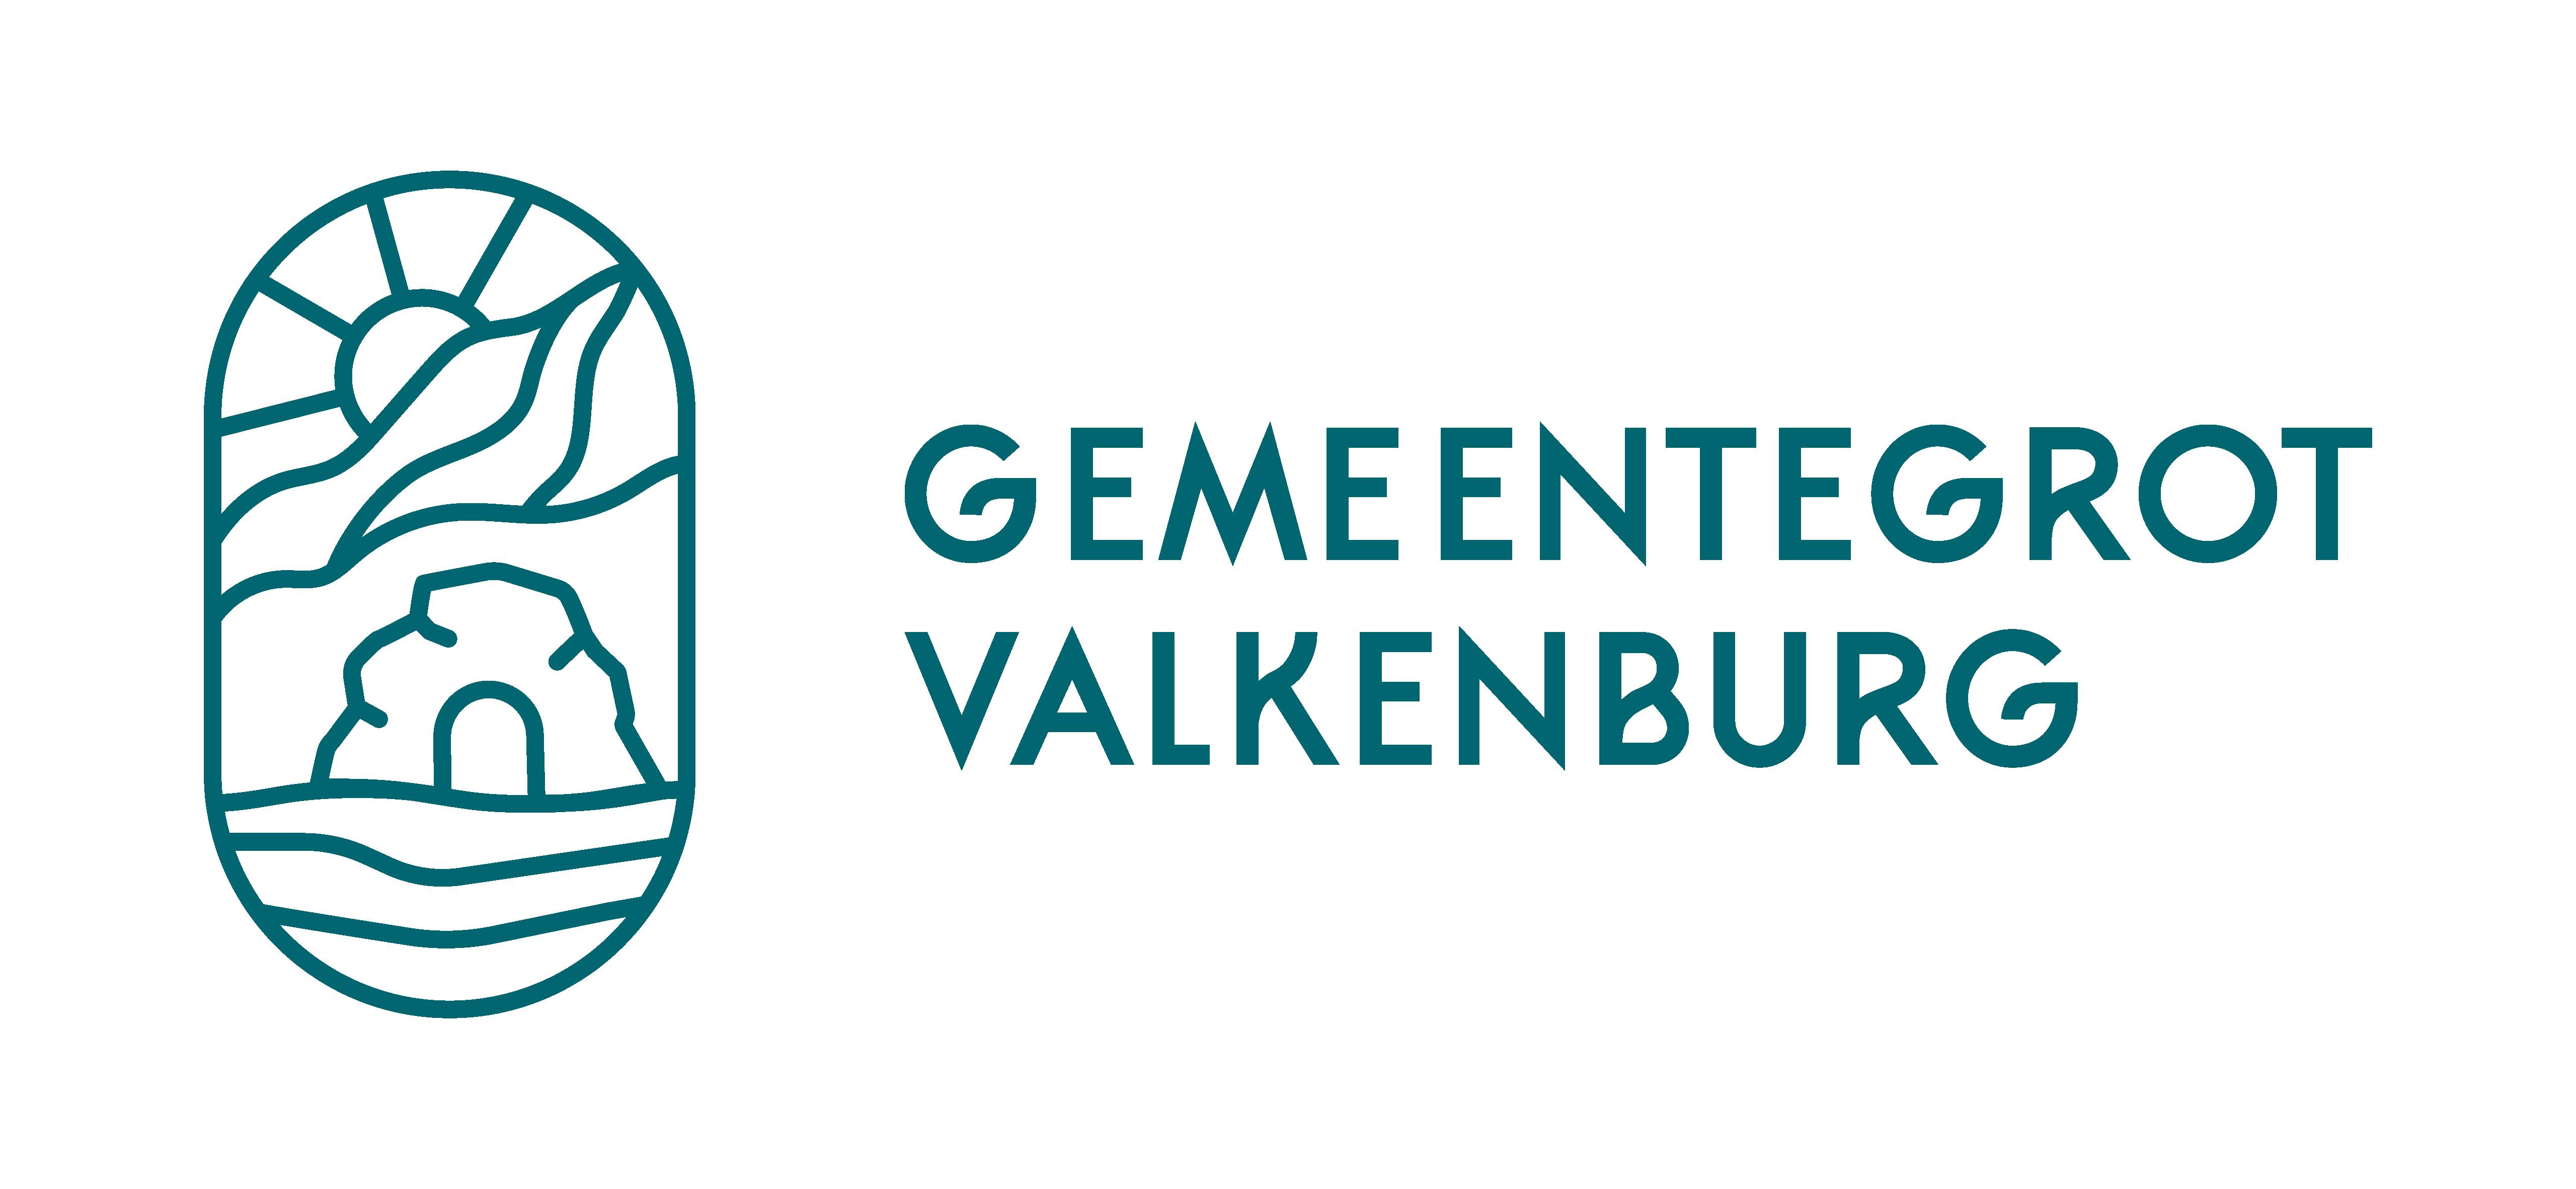 Gemeentegrot Valkenburg